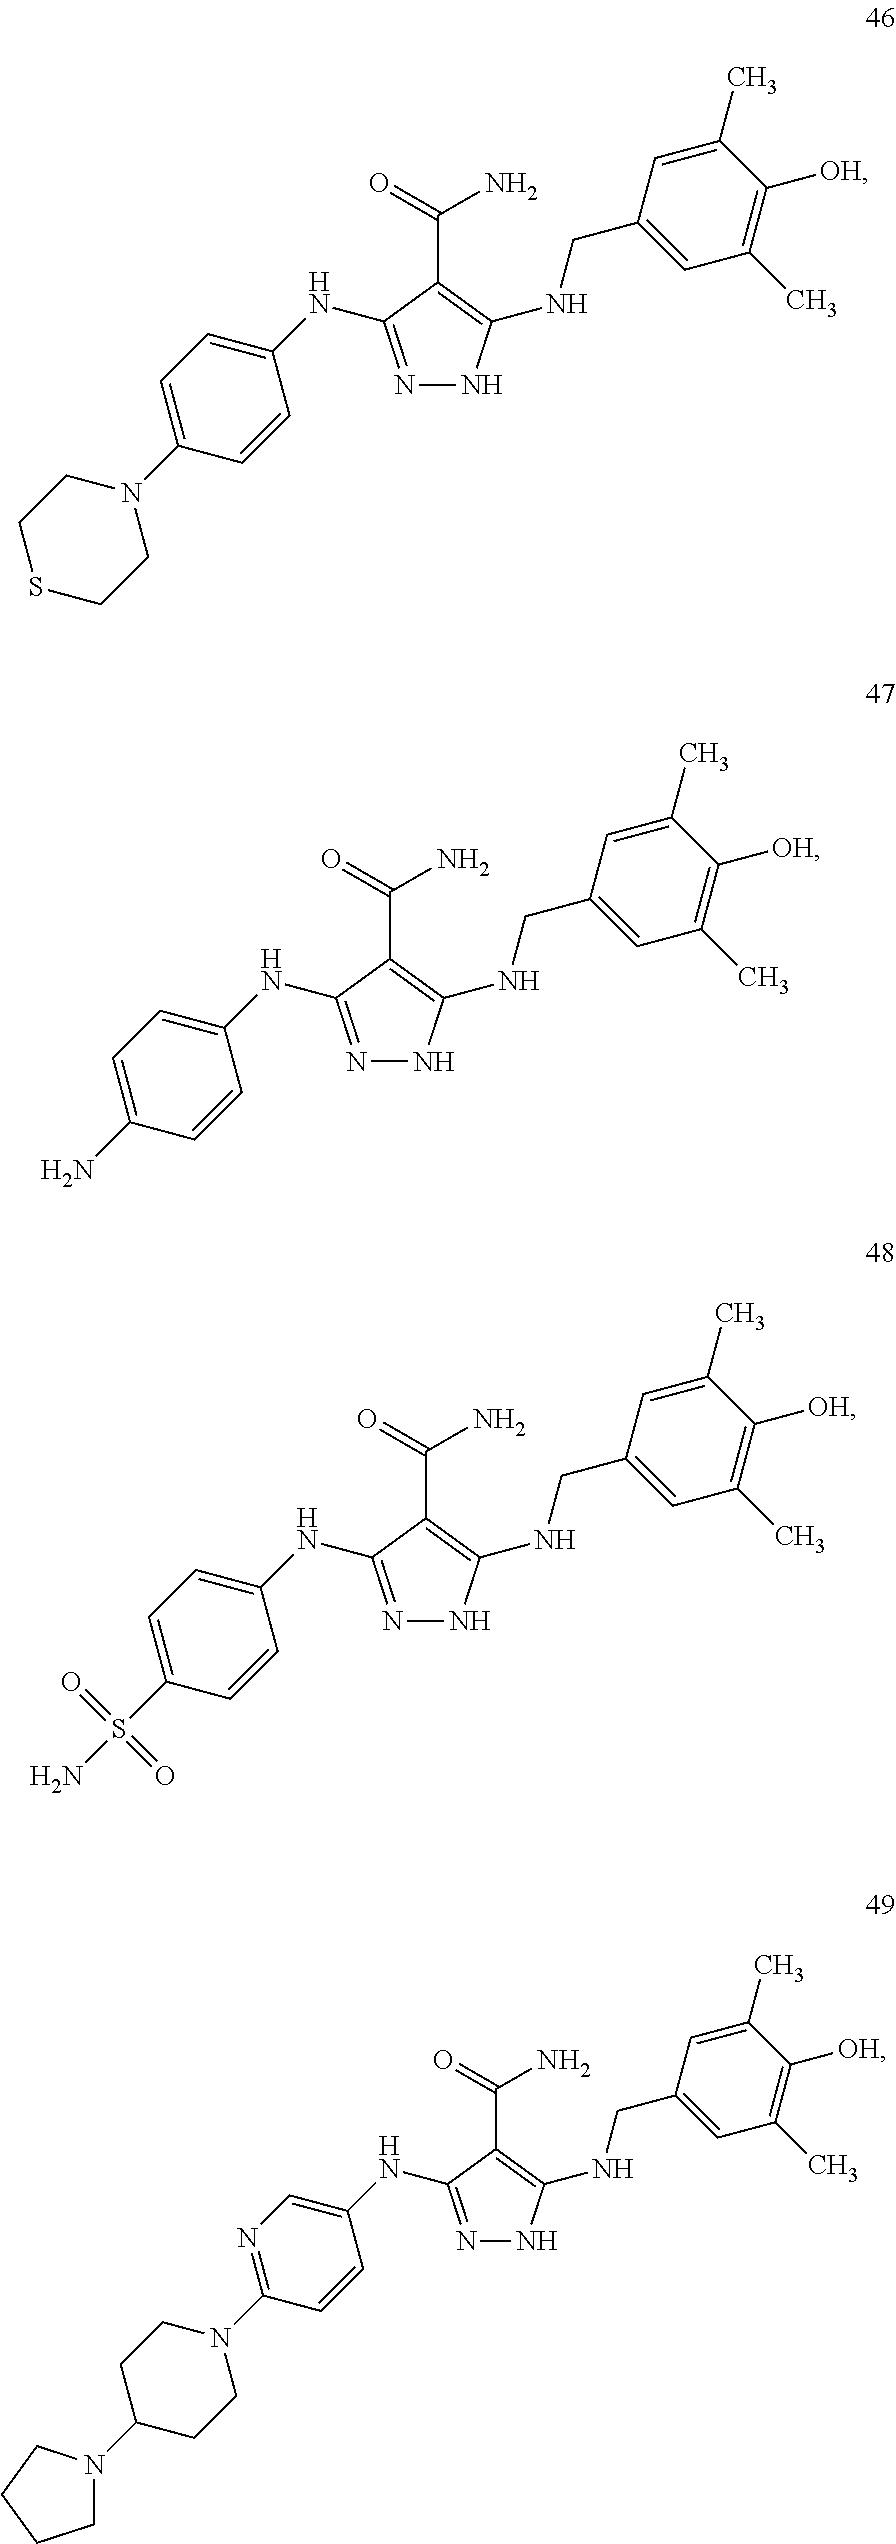 Figure US09730914-20170815-C00026